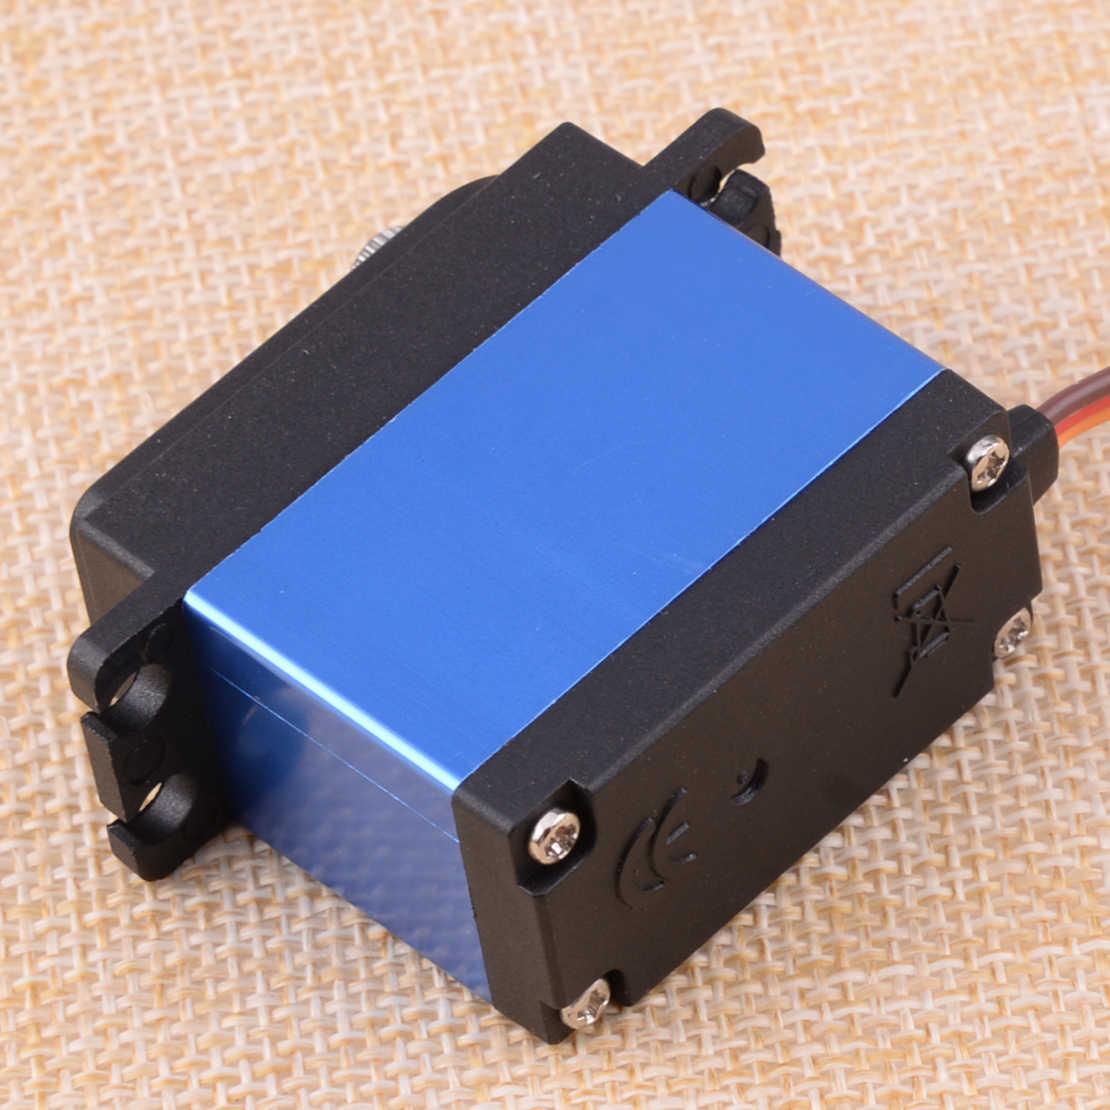 LETAOSK LW-20MG puissance HD étanche 4.8-6.6 V Super couple numérique Servo aluminium pour chenille RC voitures bateau moteur à courant continu